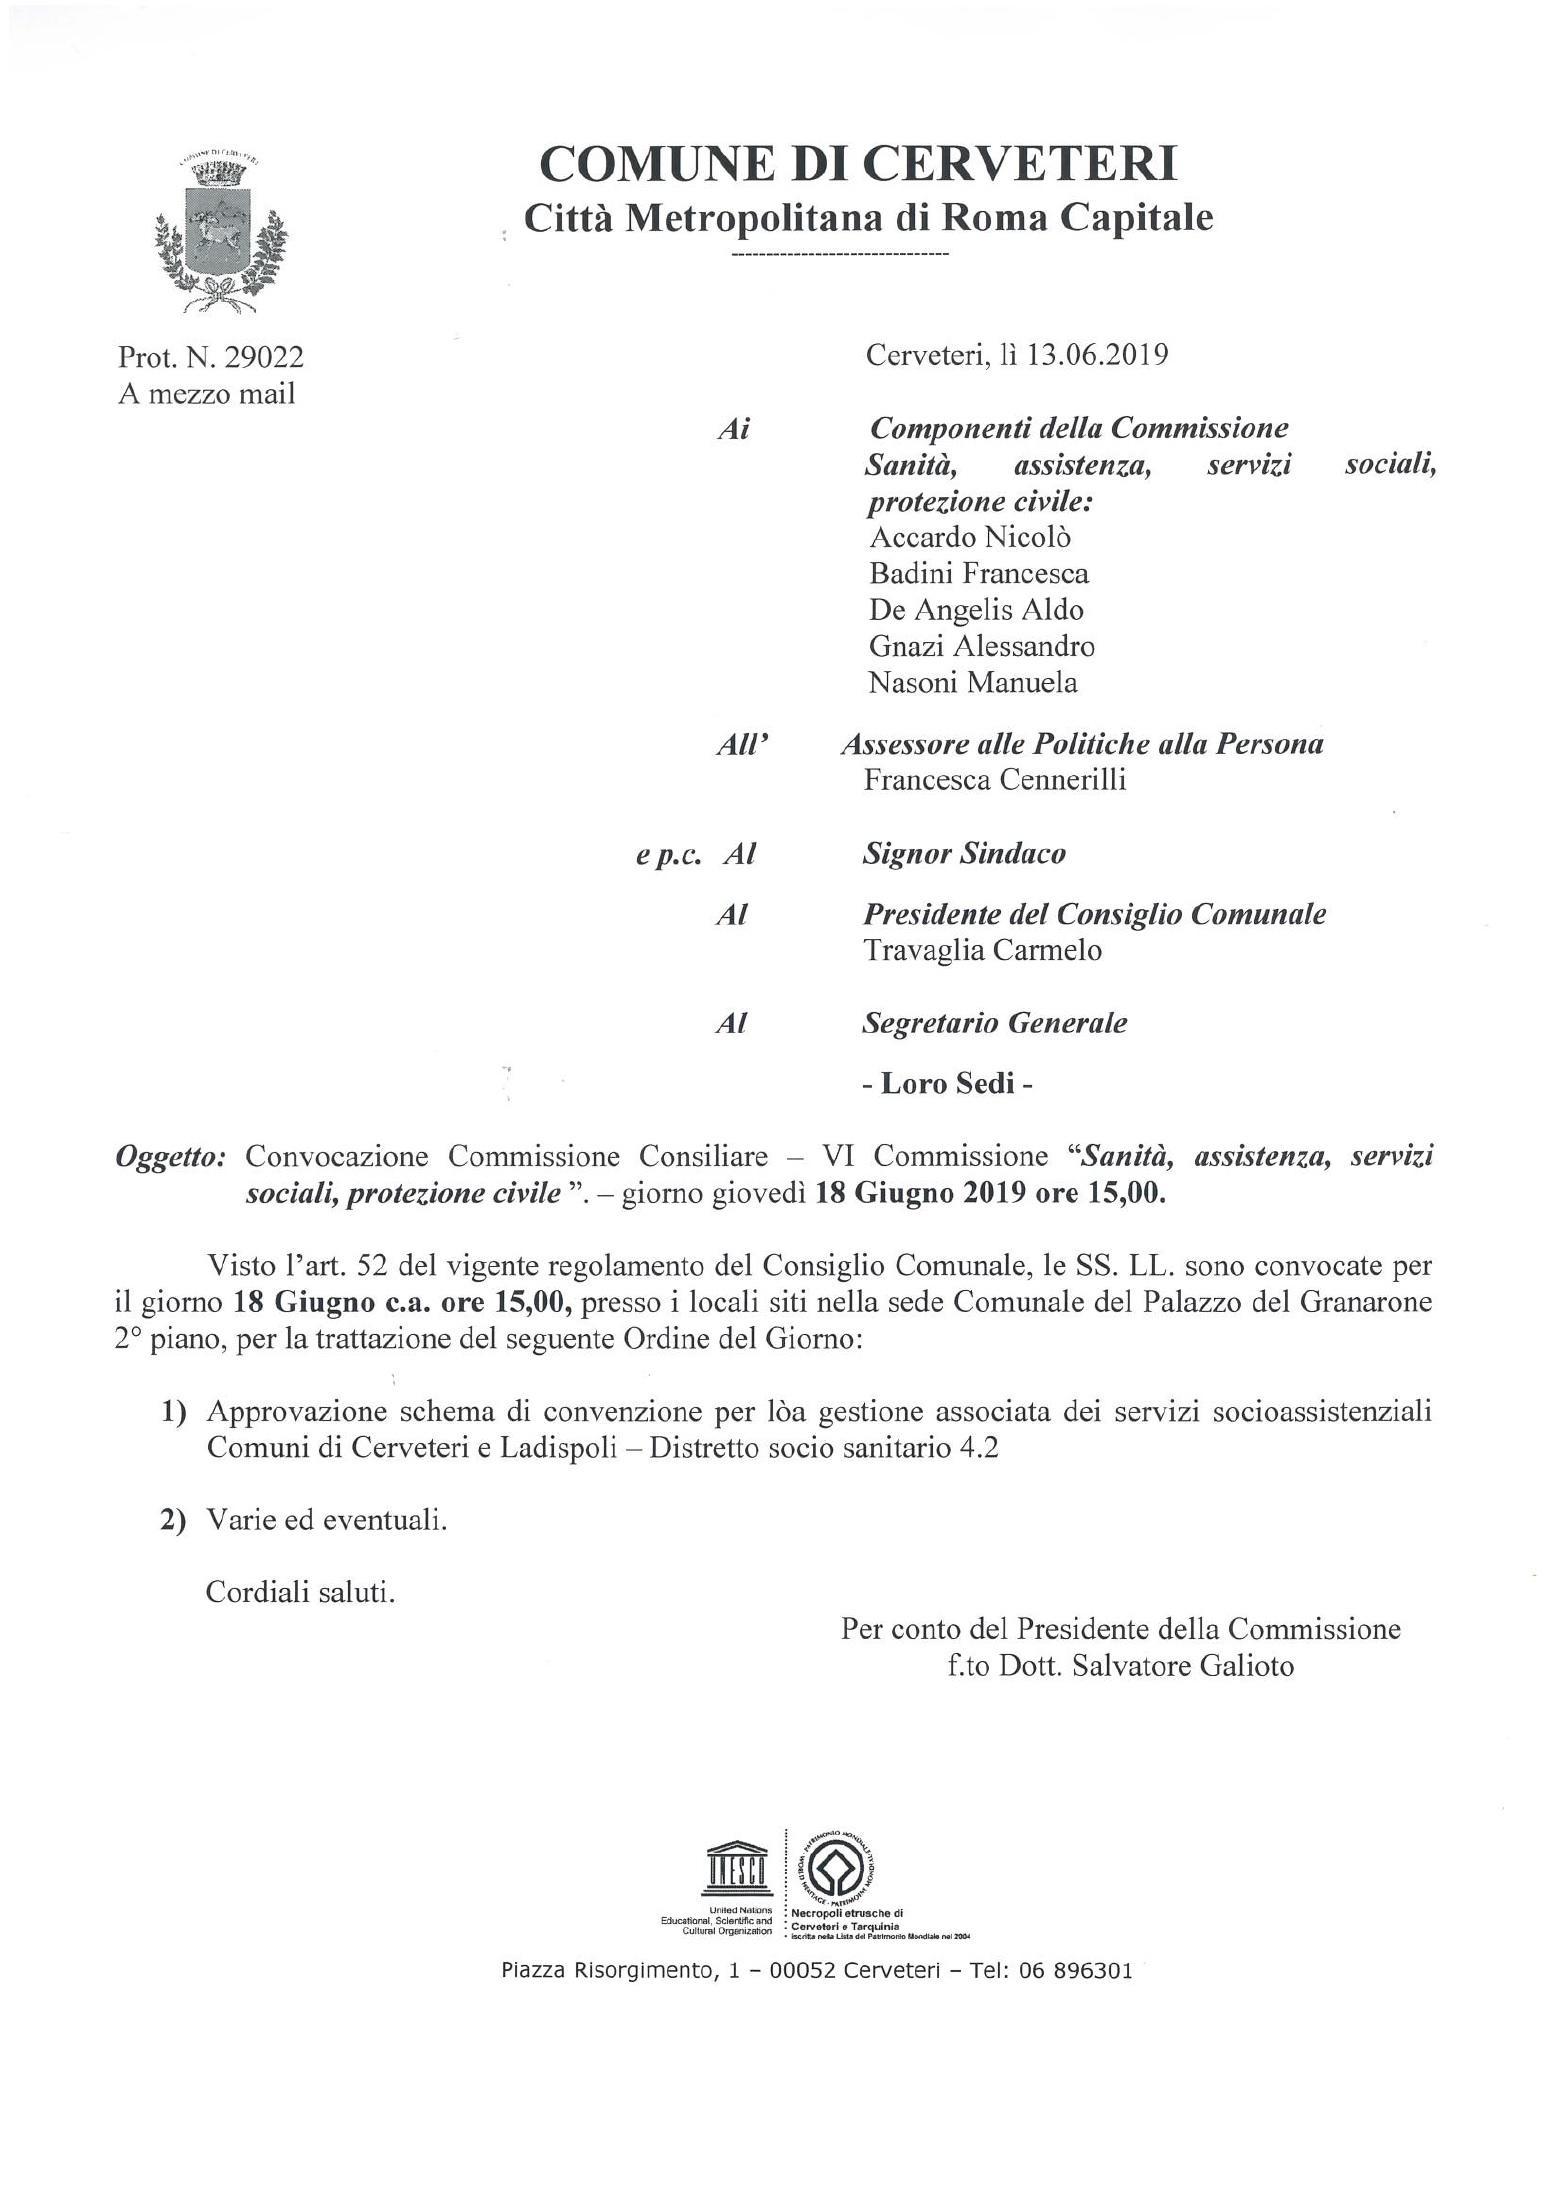 """CONVOCAZIONE Commissione Consiliare - VI Commissione  """" Sanità, Assistenza, Servizi Sociali, Protezione Civile"""""""